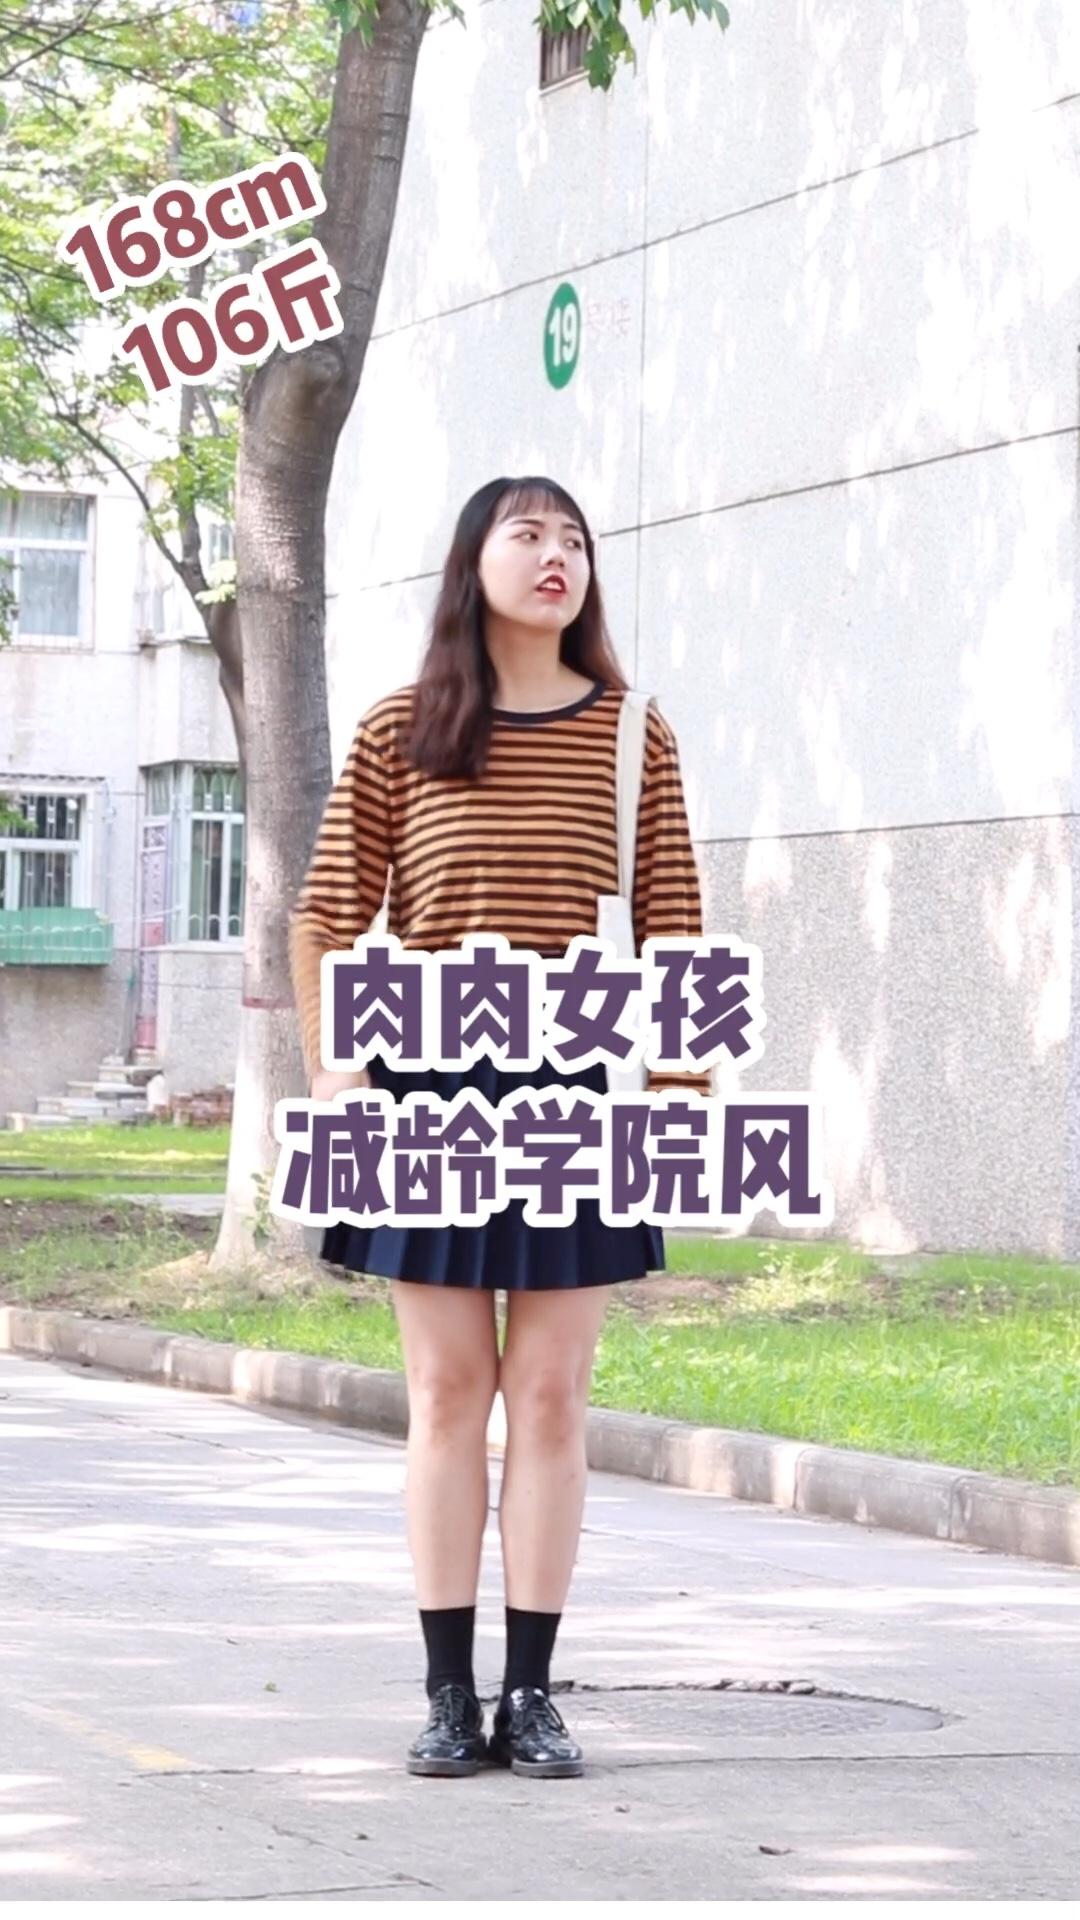 """#这个女生也太""""黄""""了吧!# 上衣是一件黑黄条纹T 很轻薄 夏季可当防晒衣穿 颜色也非常显白呢 下身是一条高腰百褶半裙 西装材质 版型很挺 学院风十足"""